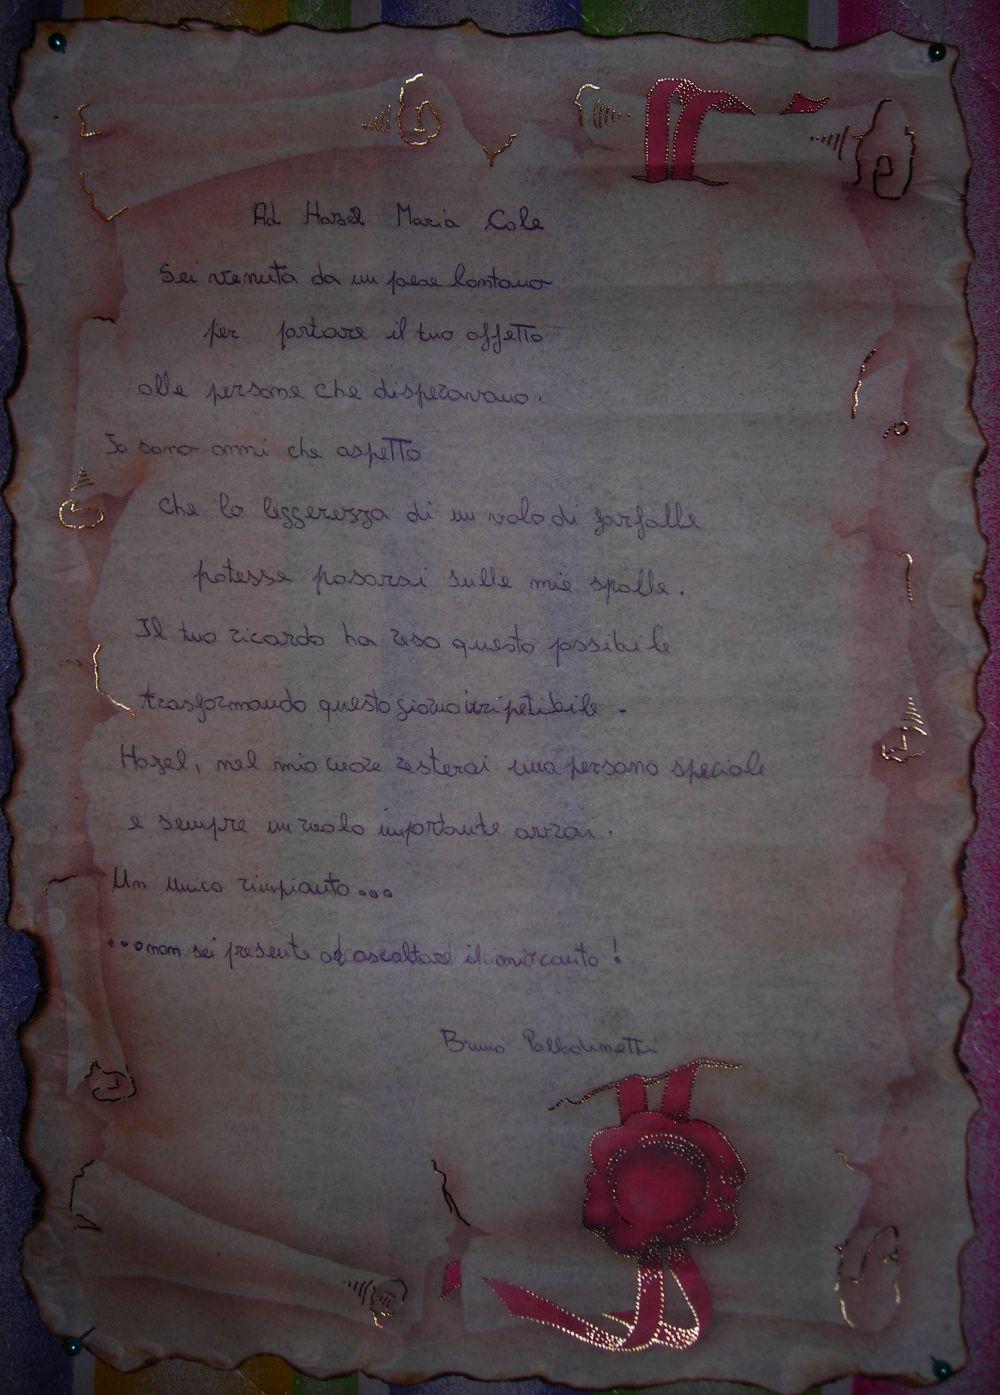 Ecco la poesia che Bruno ha dedicato ad Hazel: l'ha recitata con passione creando un momento di profonda commozione.